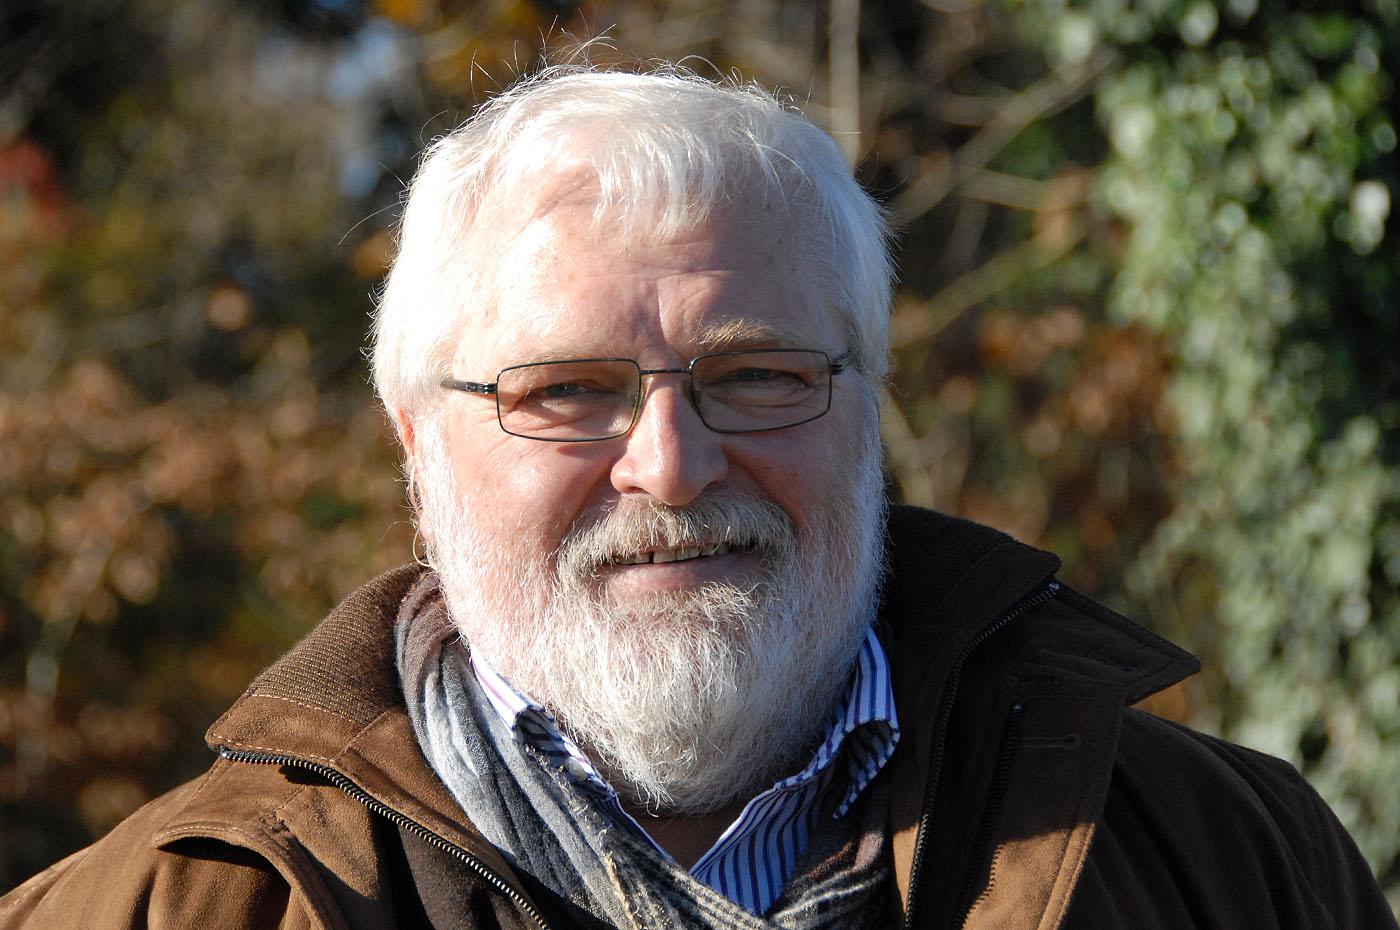 Winfried Bauer_Familientag_23.11.14-Einsiedel_Foto bräu_052